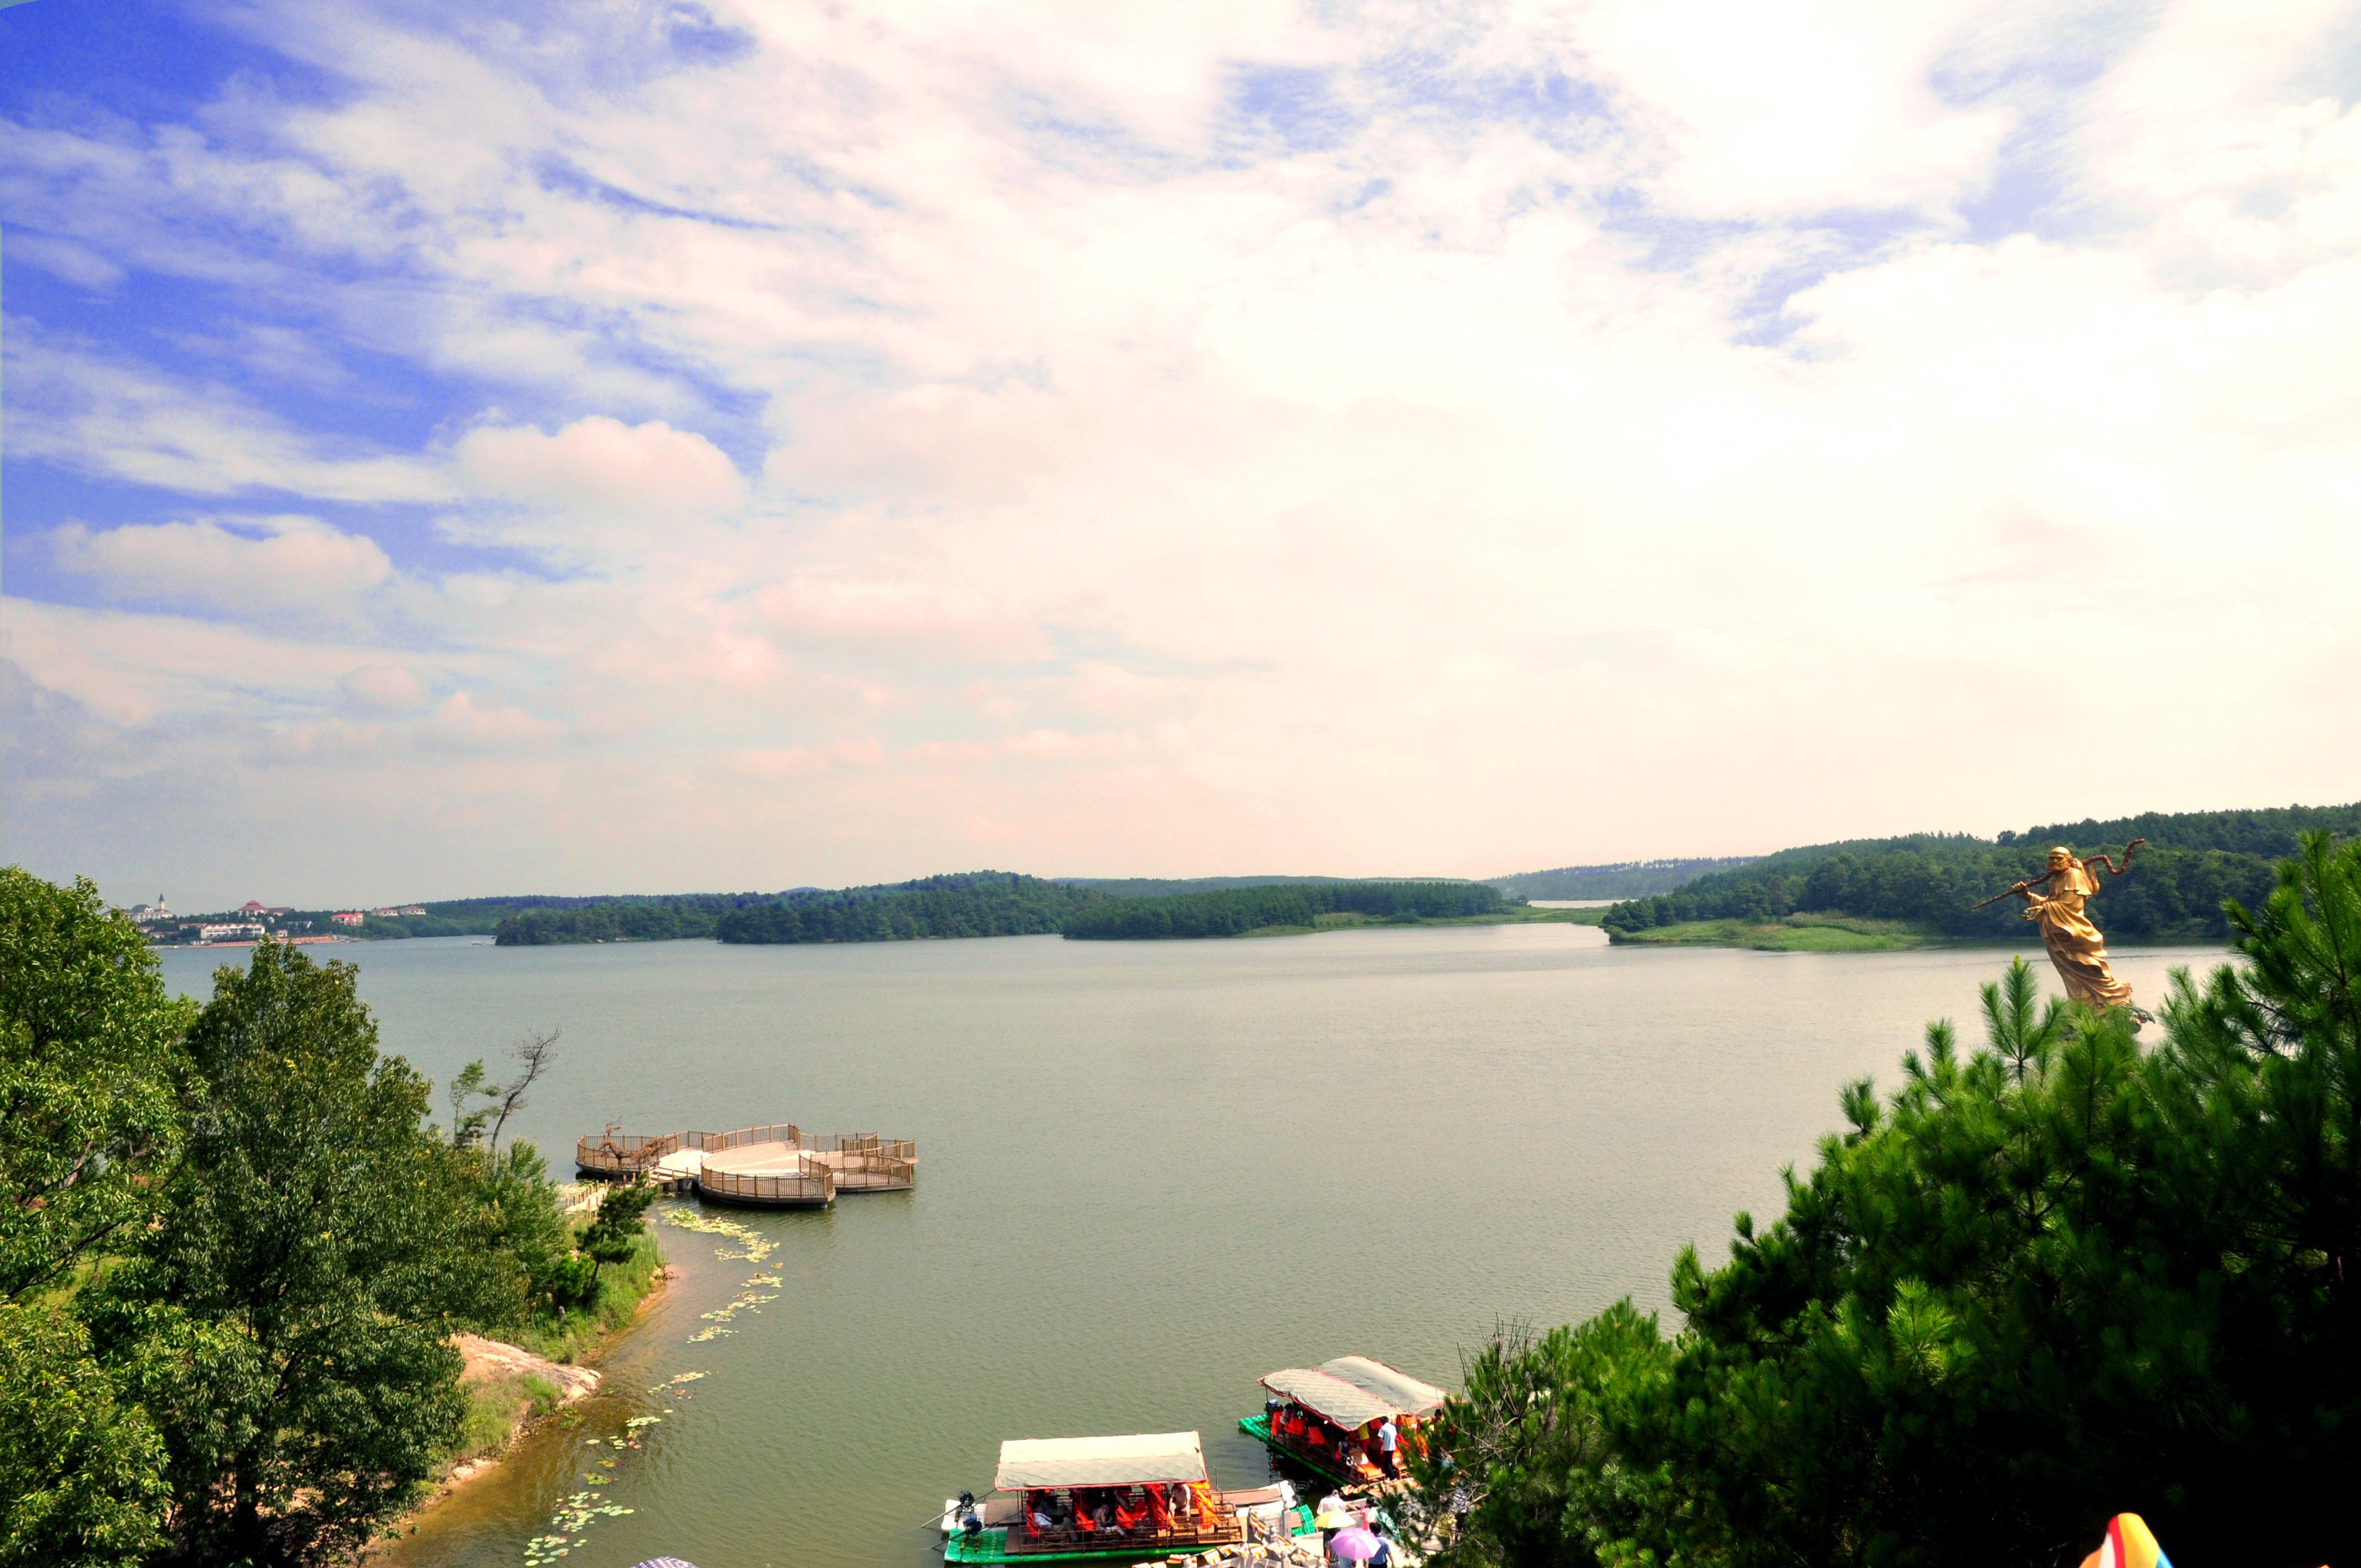 岱山湖 - 国家aaaa级旅游景区